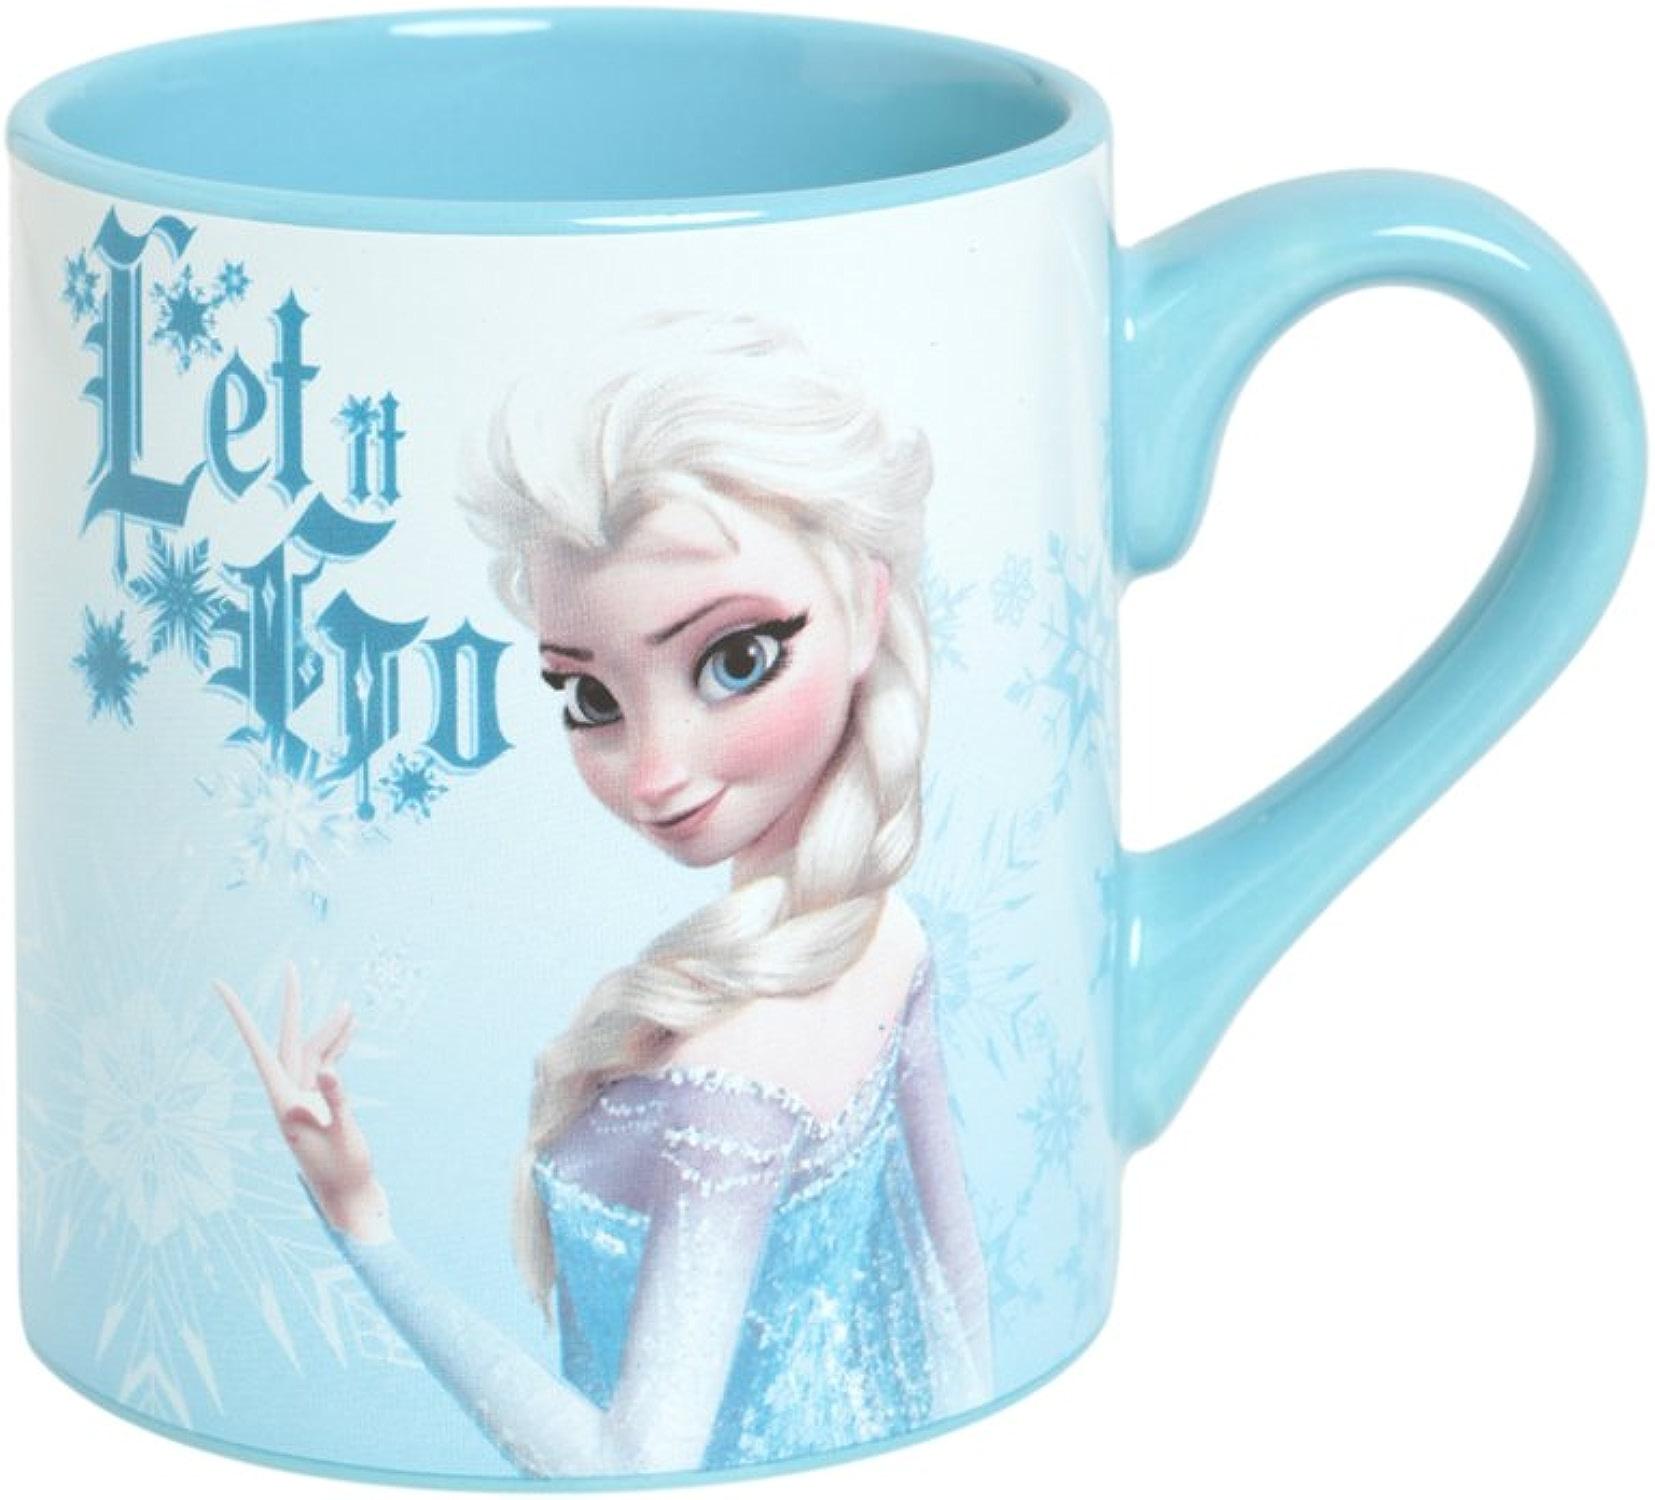 Disney Frozen Let It Go Mug by Disney